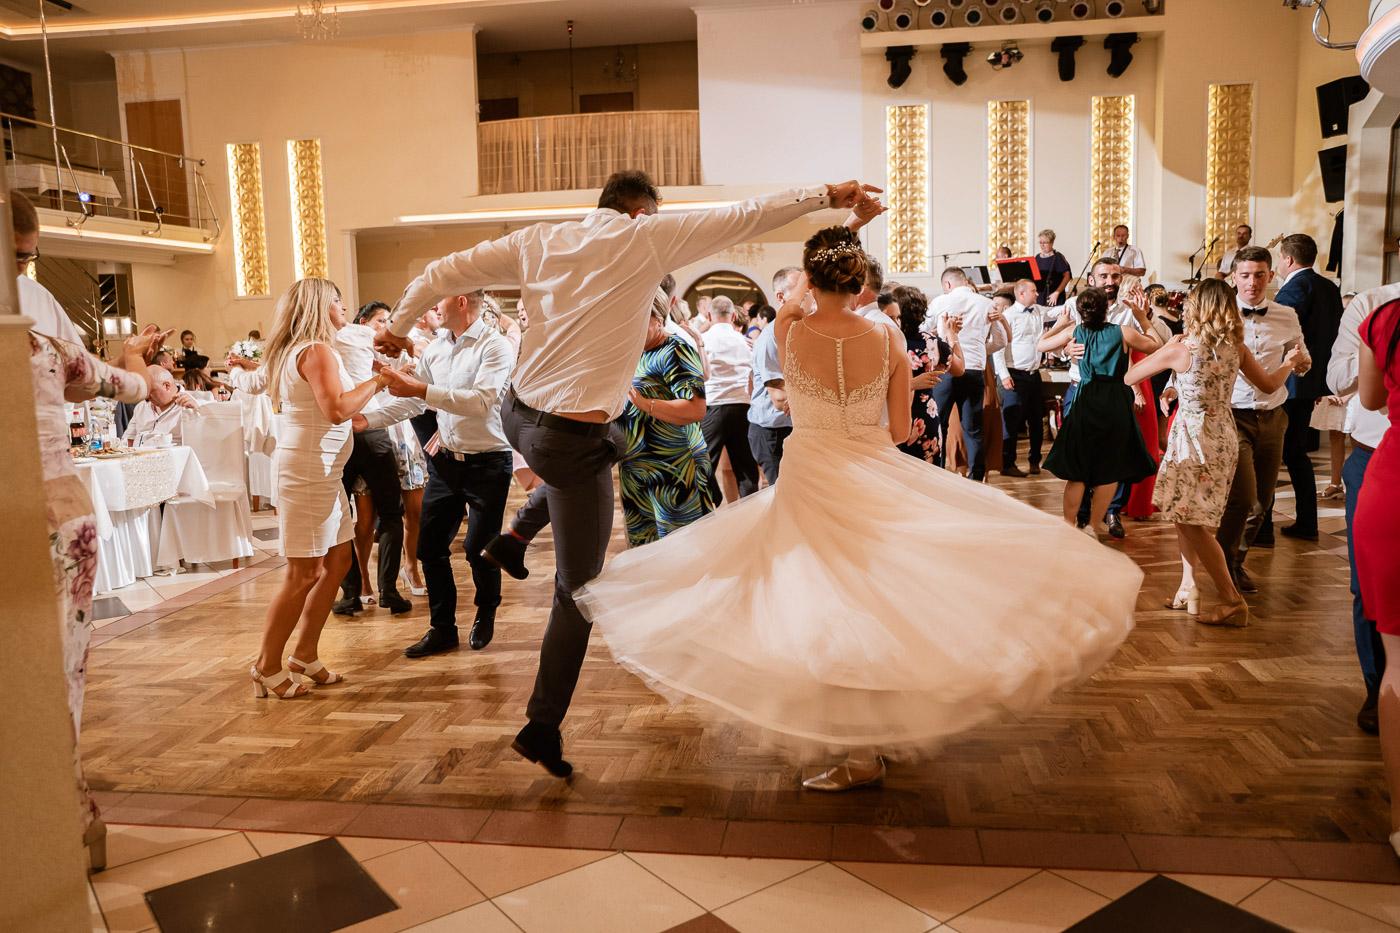 Pałuccy fotografia, reportaż ślubny Tarnów, fotografia ślubna, ślub Ciężkowice, lokal Relax, ślub wesele Ciężkowice